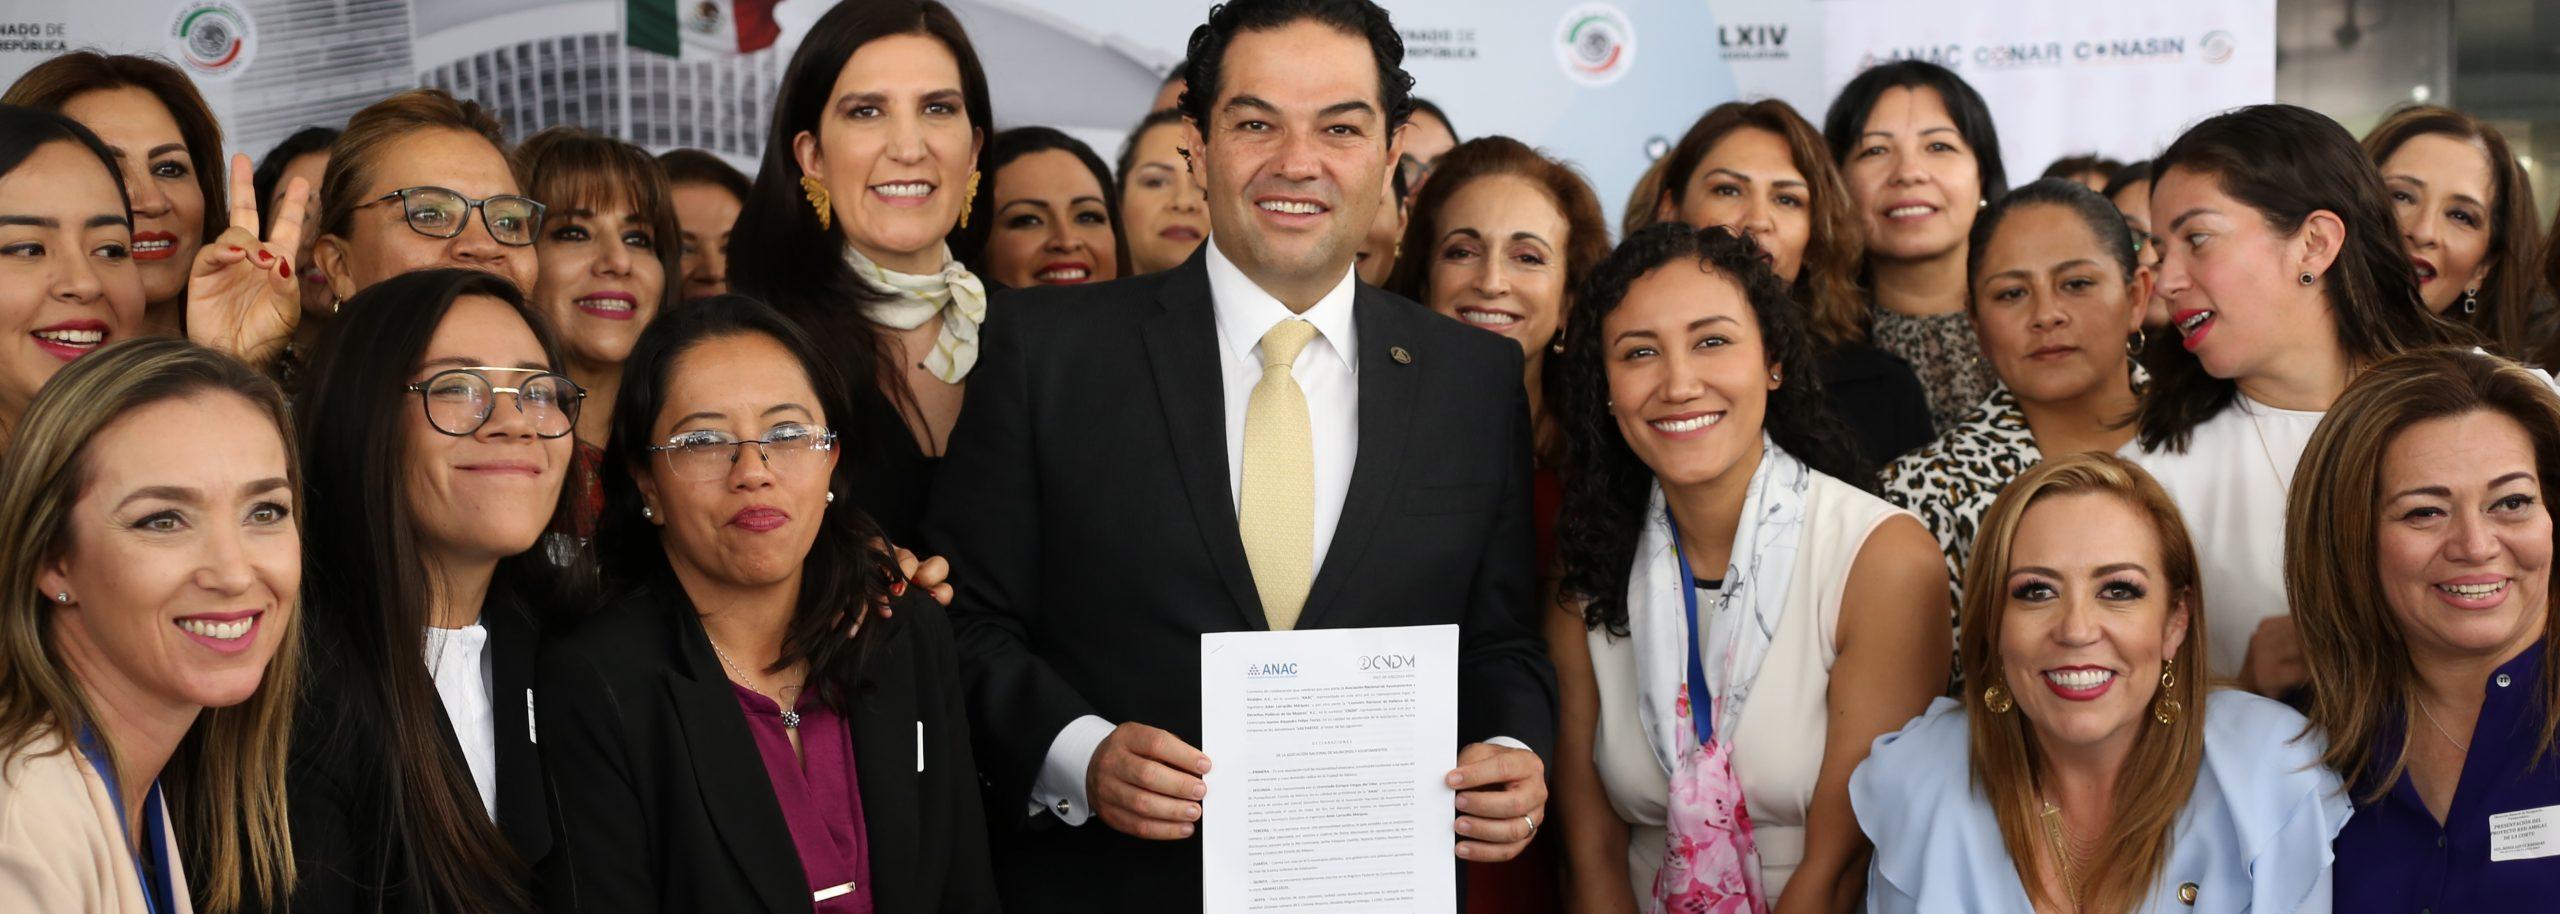 Alcalde de Huixquilucan se une a favor de la lucha por los Derechos Políticos de las mujeres y su empoderamiento